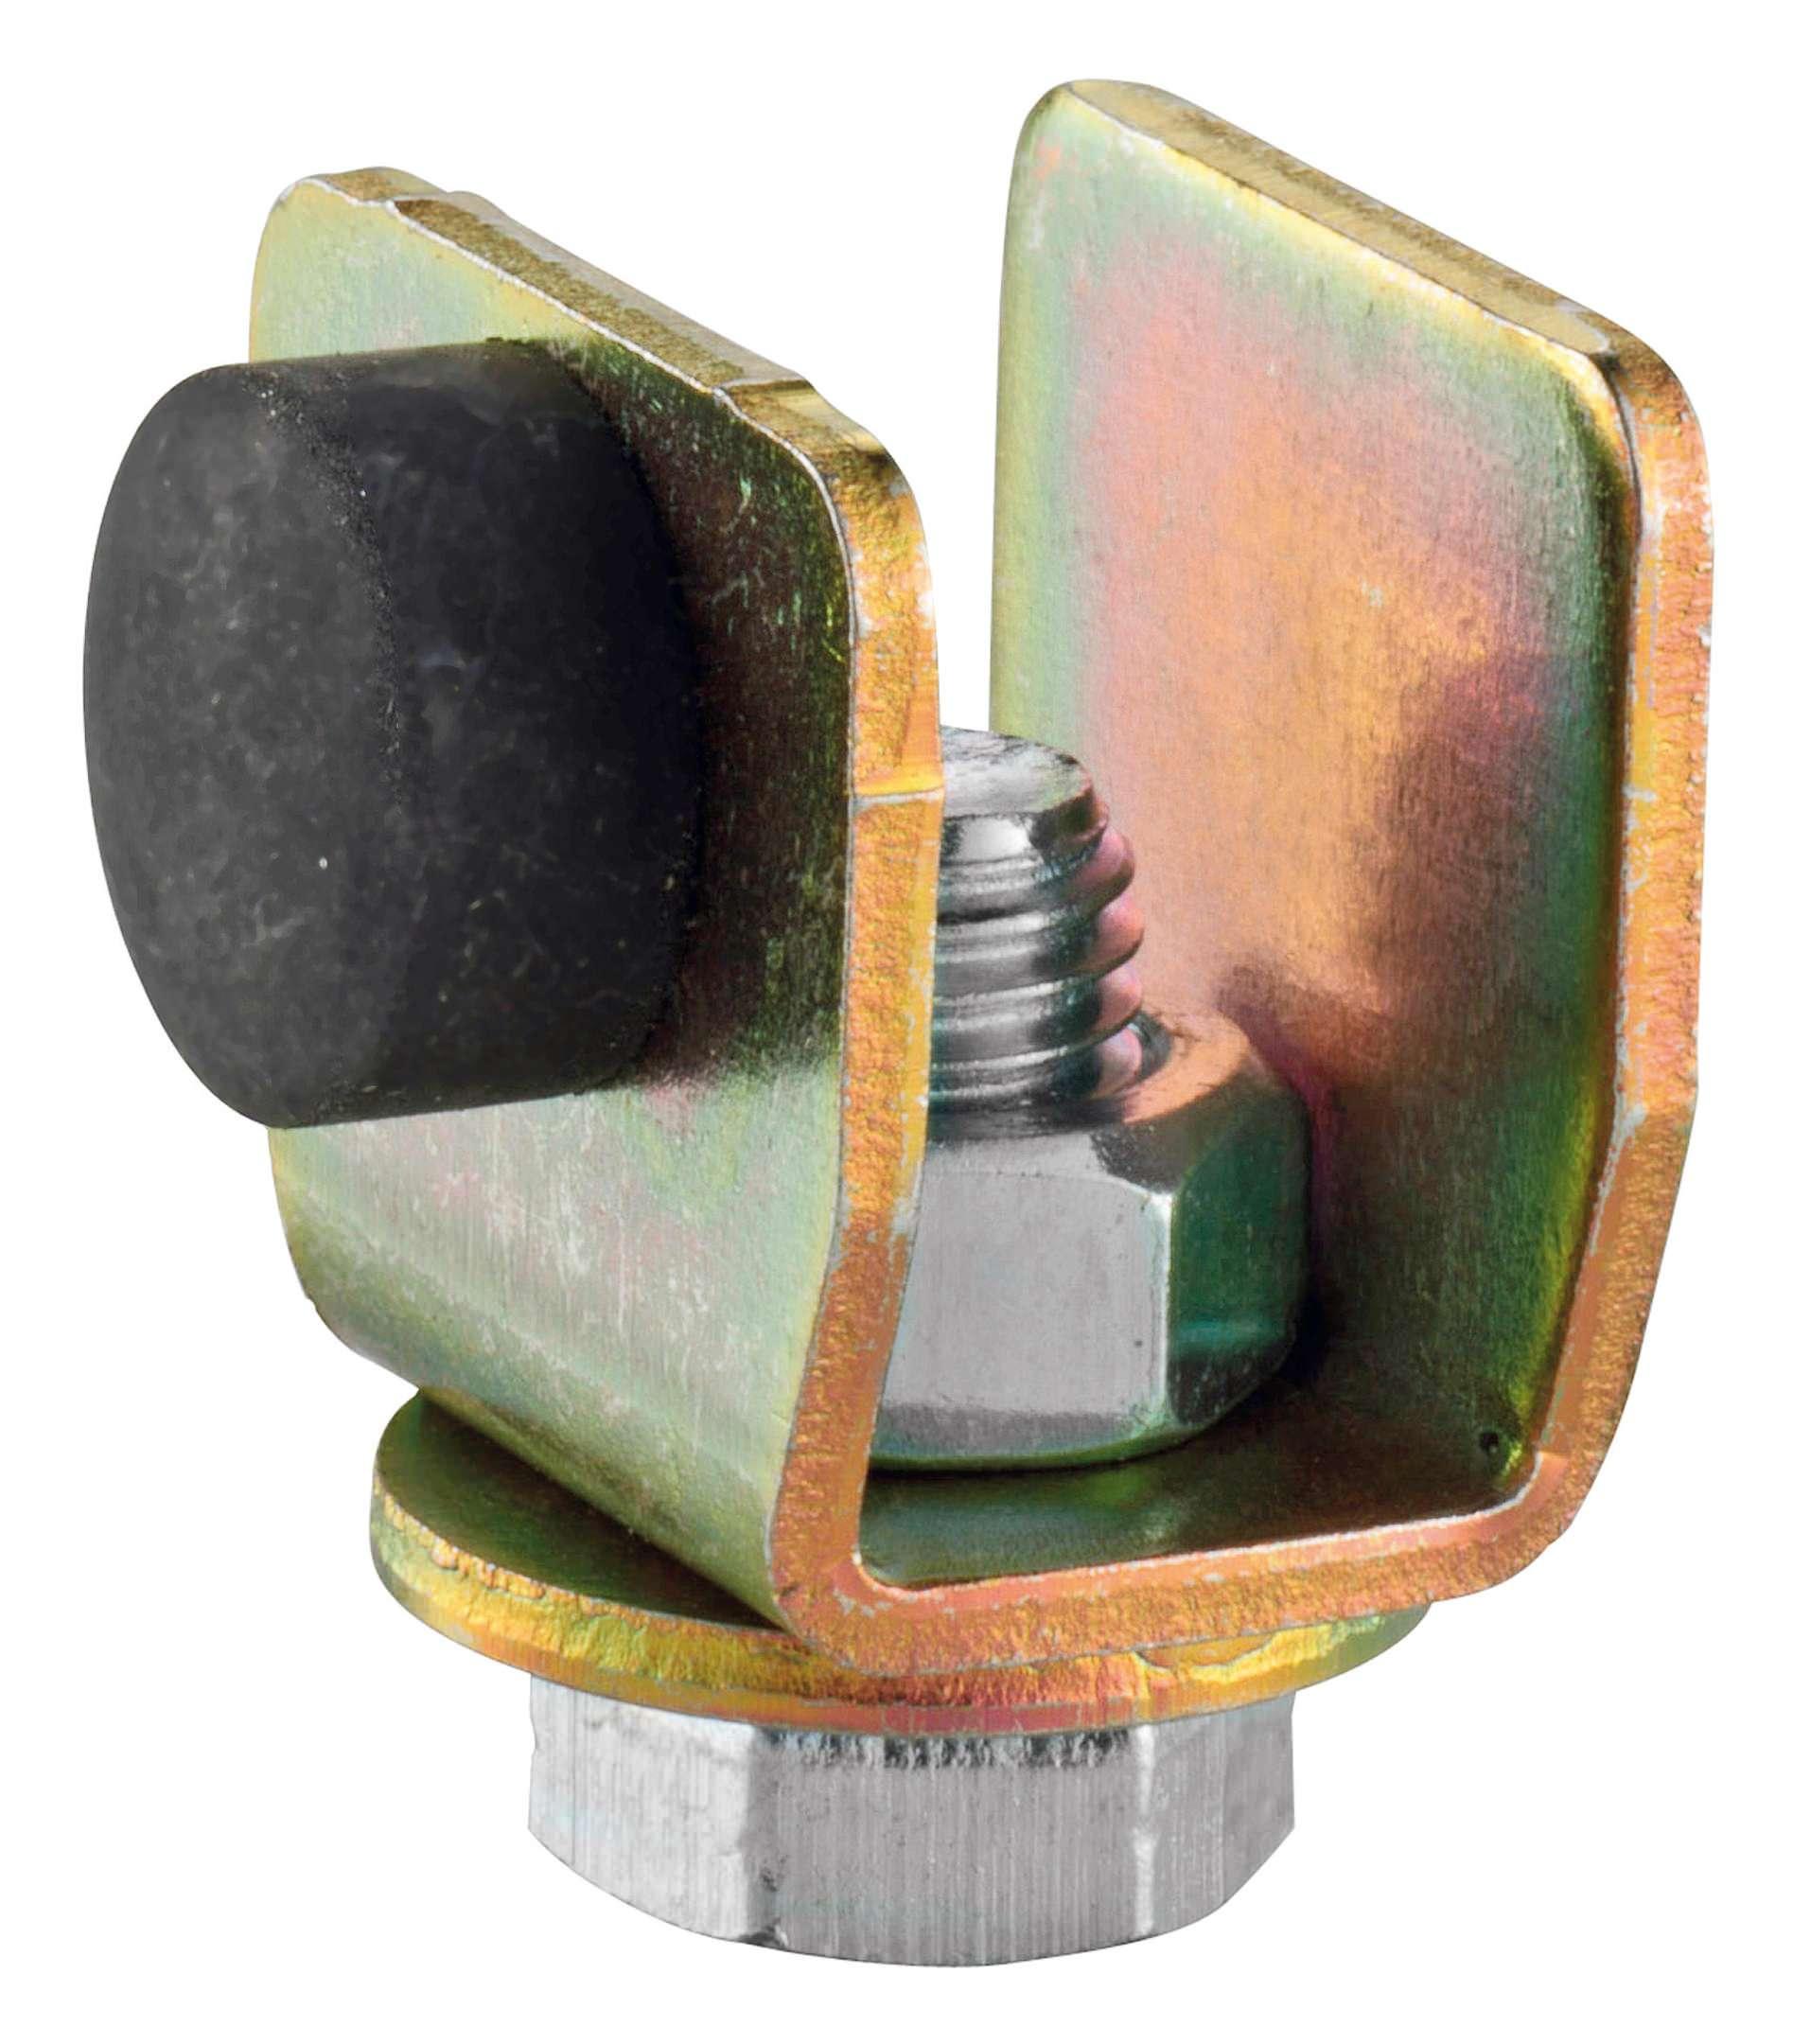 HELM Flansch 393 für Holzflügel zum aufschrauben Stahl galvanisch verzinkt